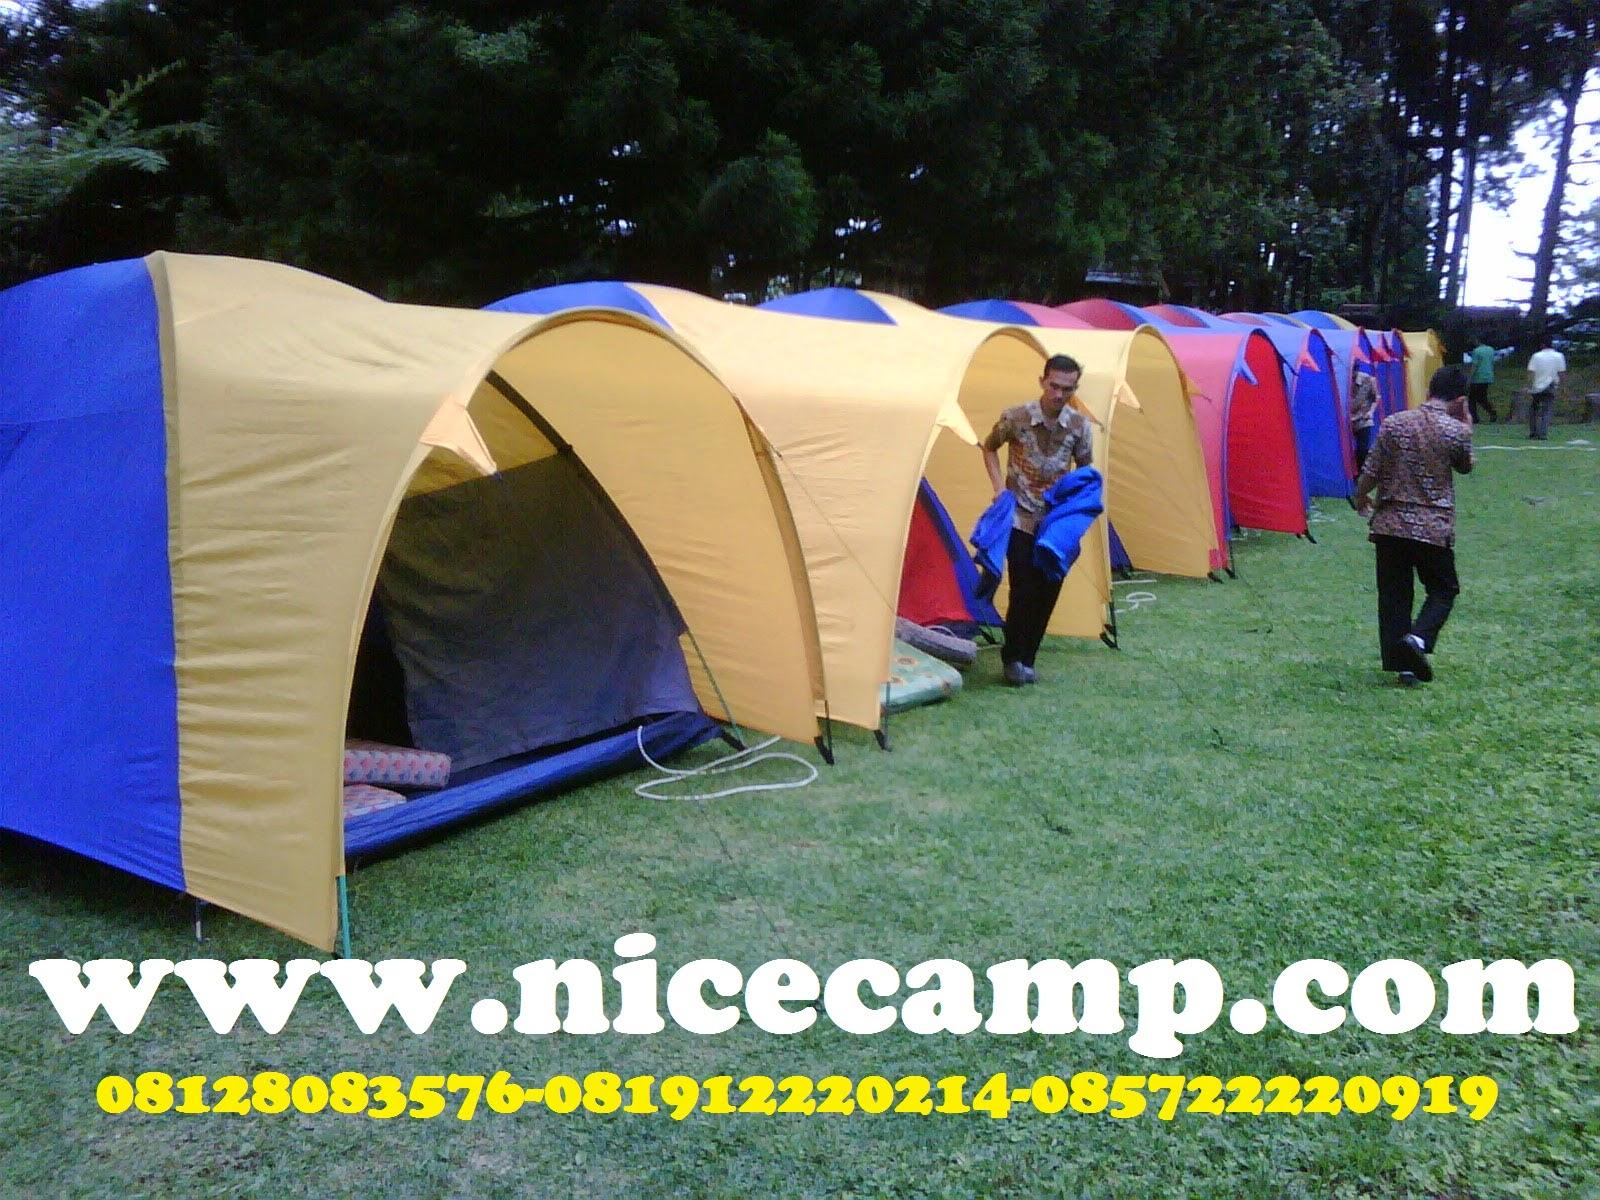 Nice Camp Cibodas Rental Sewa Tenda Camping Dan Peralatan Dome Kapasitas 6 Orang Citarum Cover Ukuran 3x25m T 18m Ideal 7 8 Org